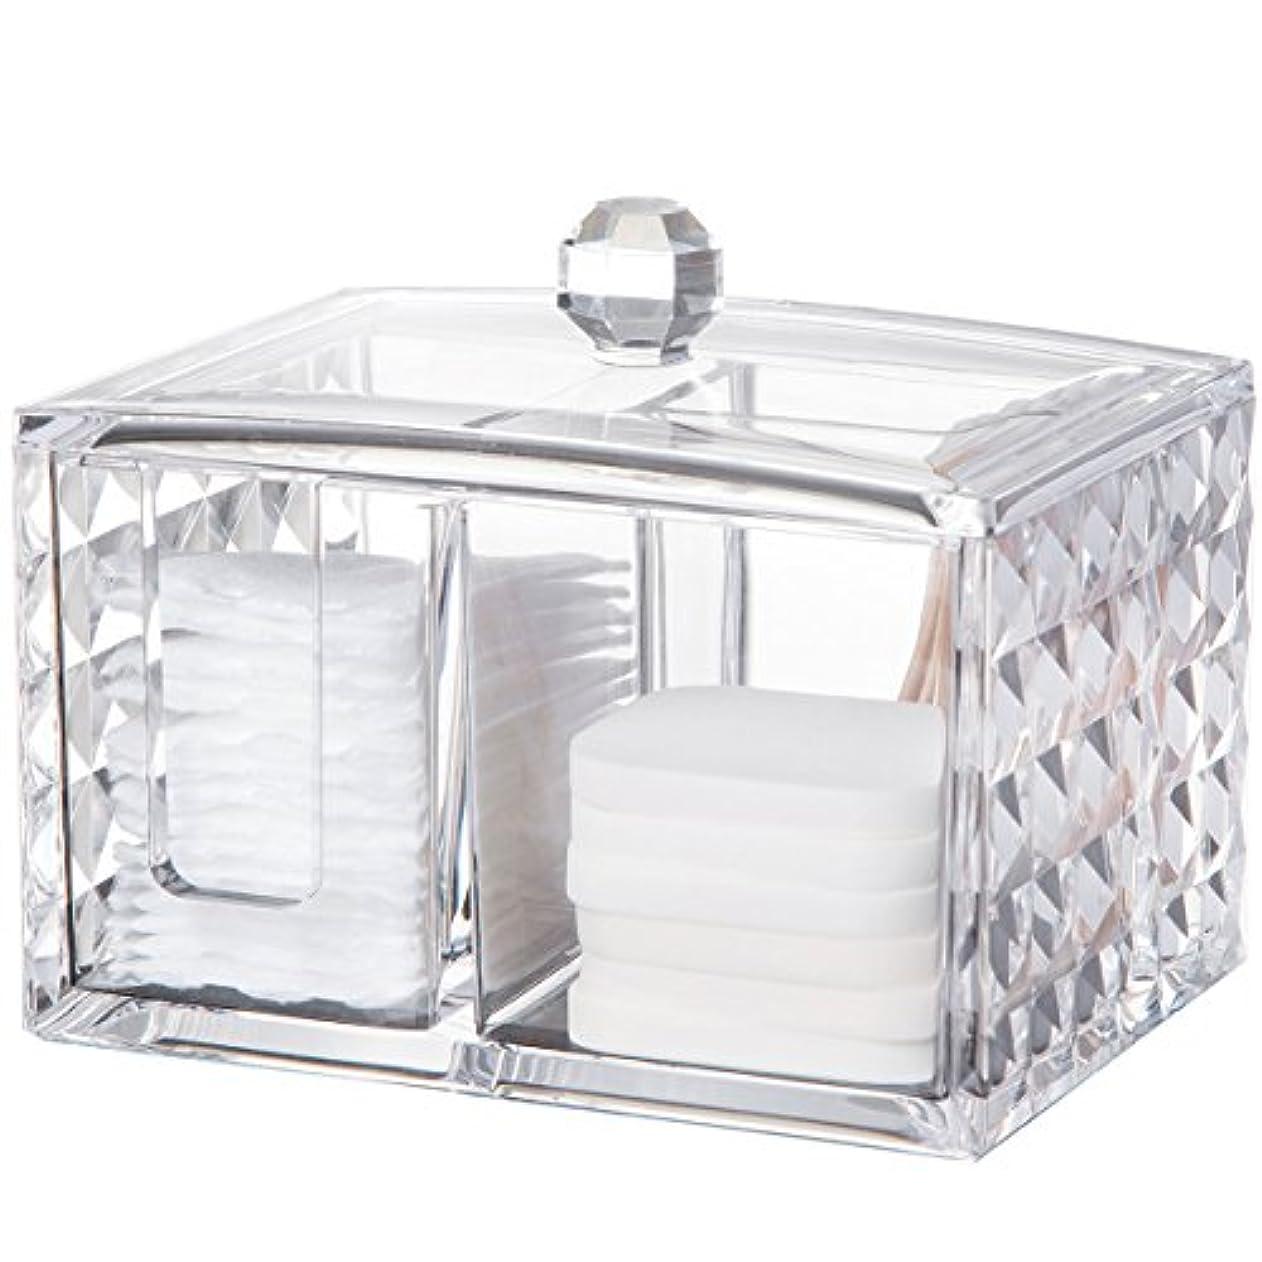 意義スクワイア到着コスメボックス 綿棒収納ボックス アクリル製 ダイヤモンド模様 多功能 コスメ小物用品?化粧品収納ケース 透明 (正方形)